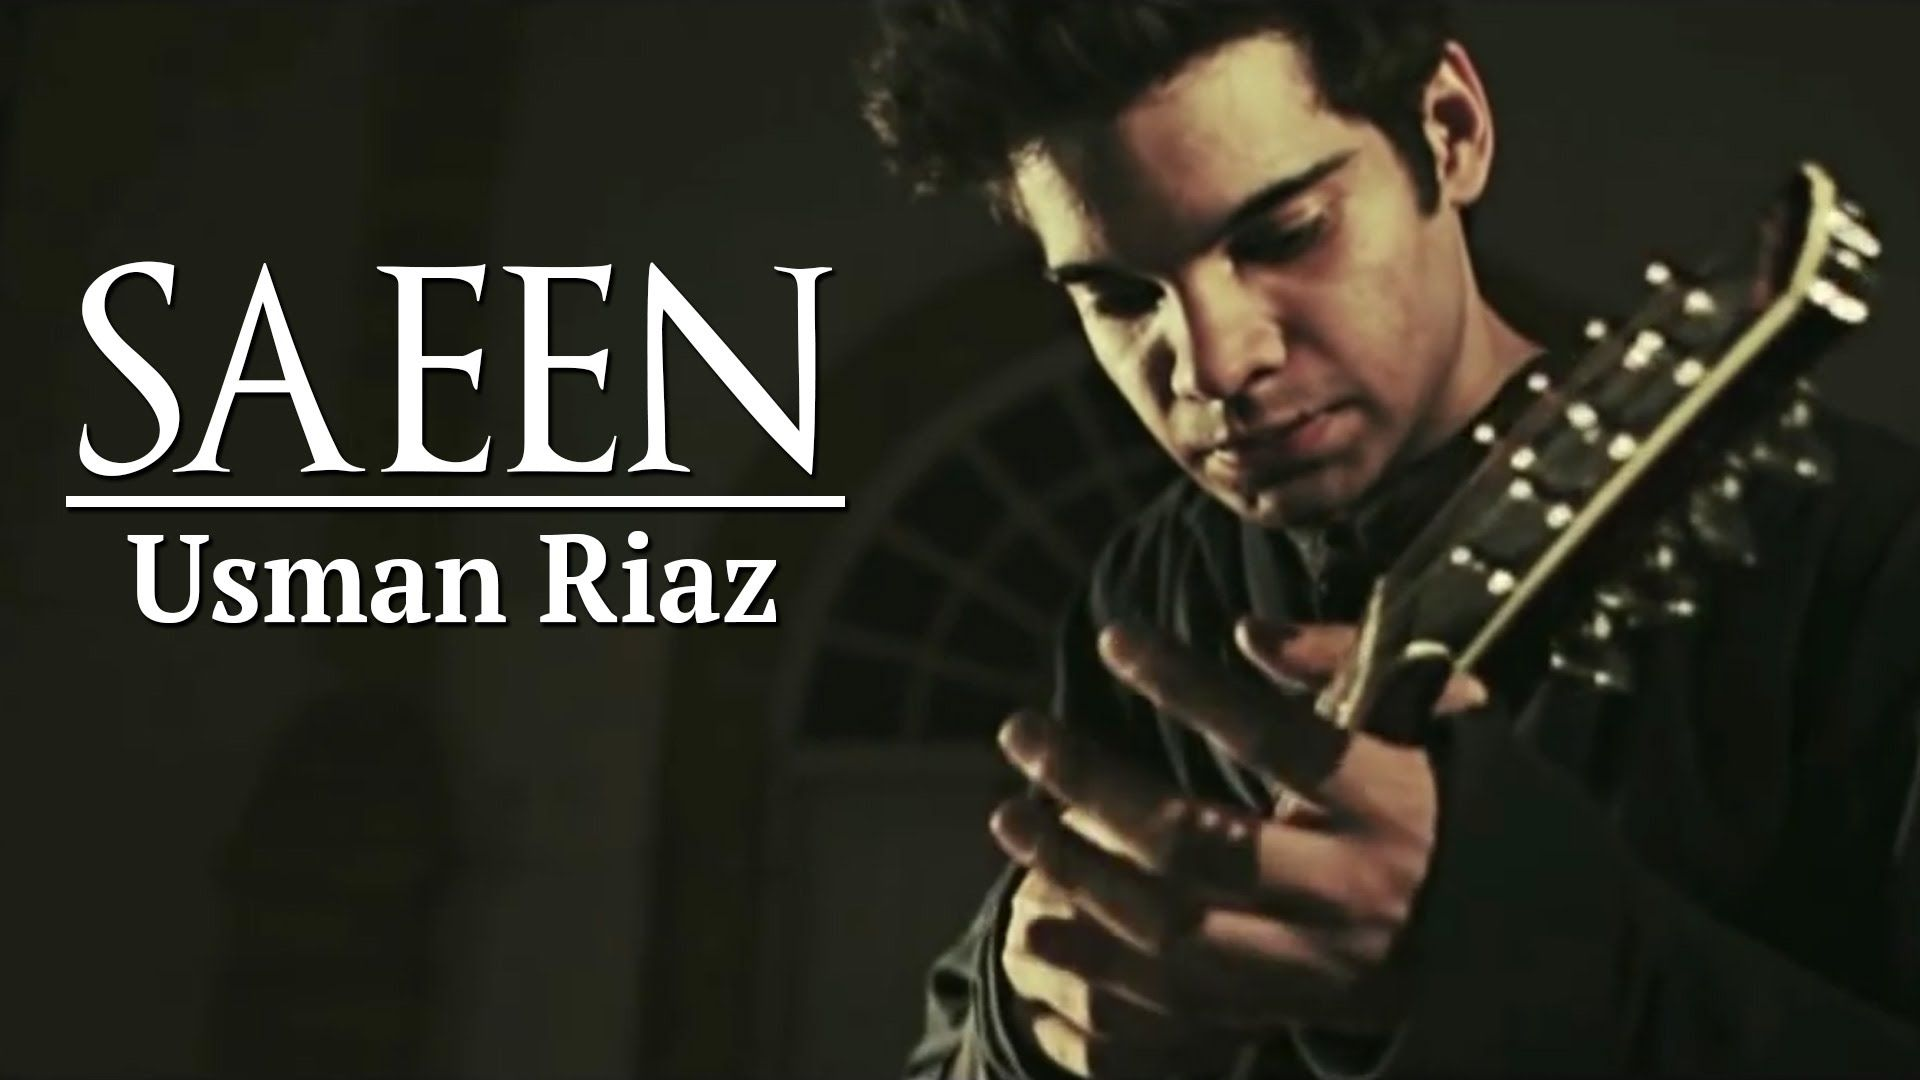 Usman Riaz - SAEEN | Music videos. Music. Video